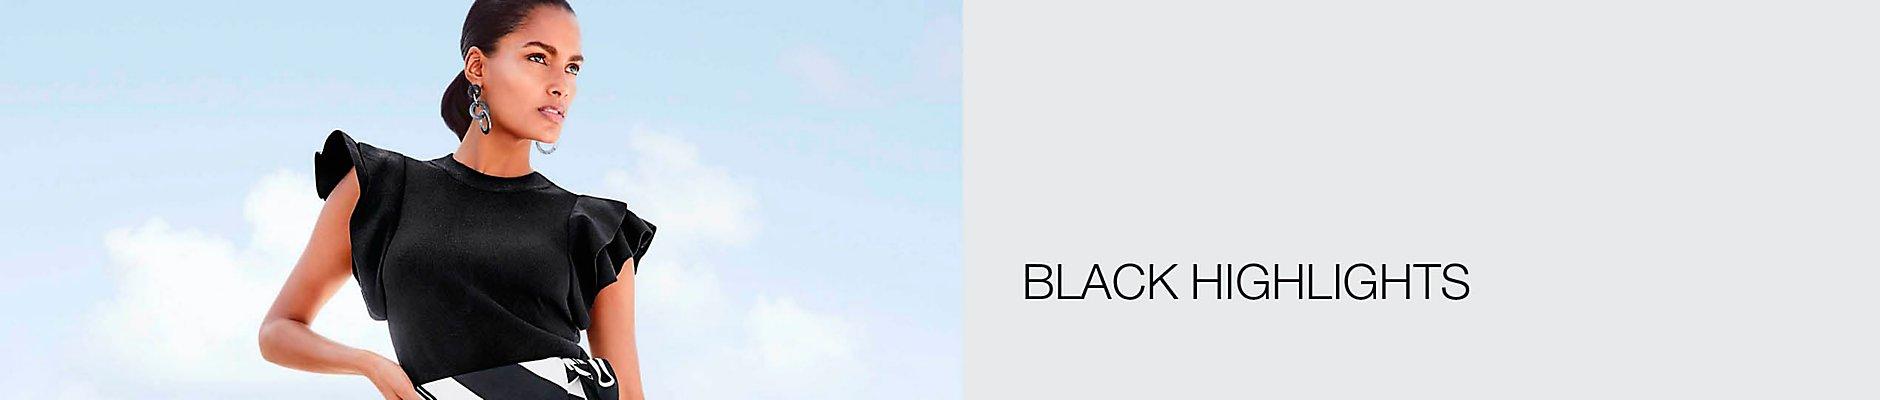 Black Highlights